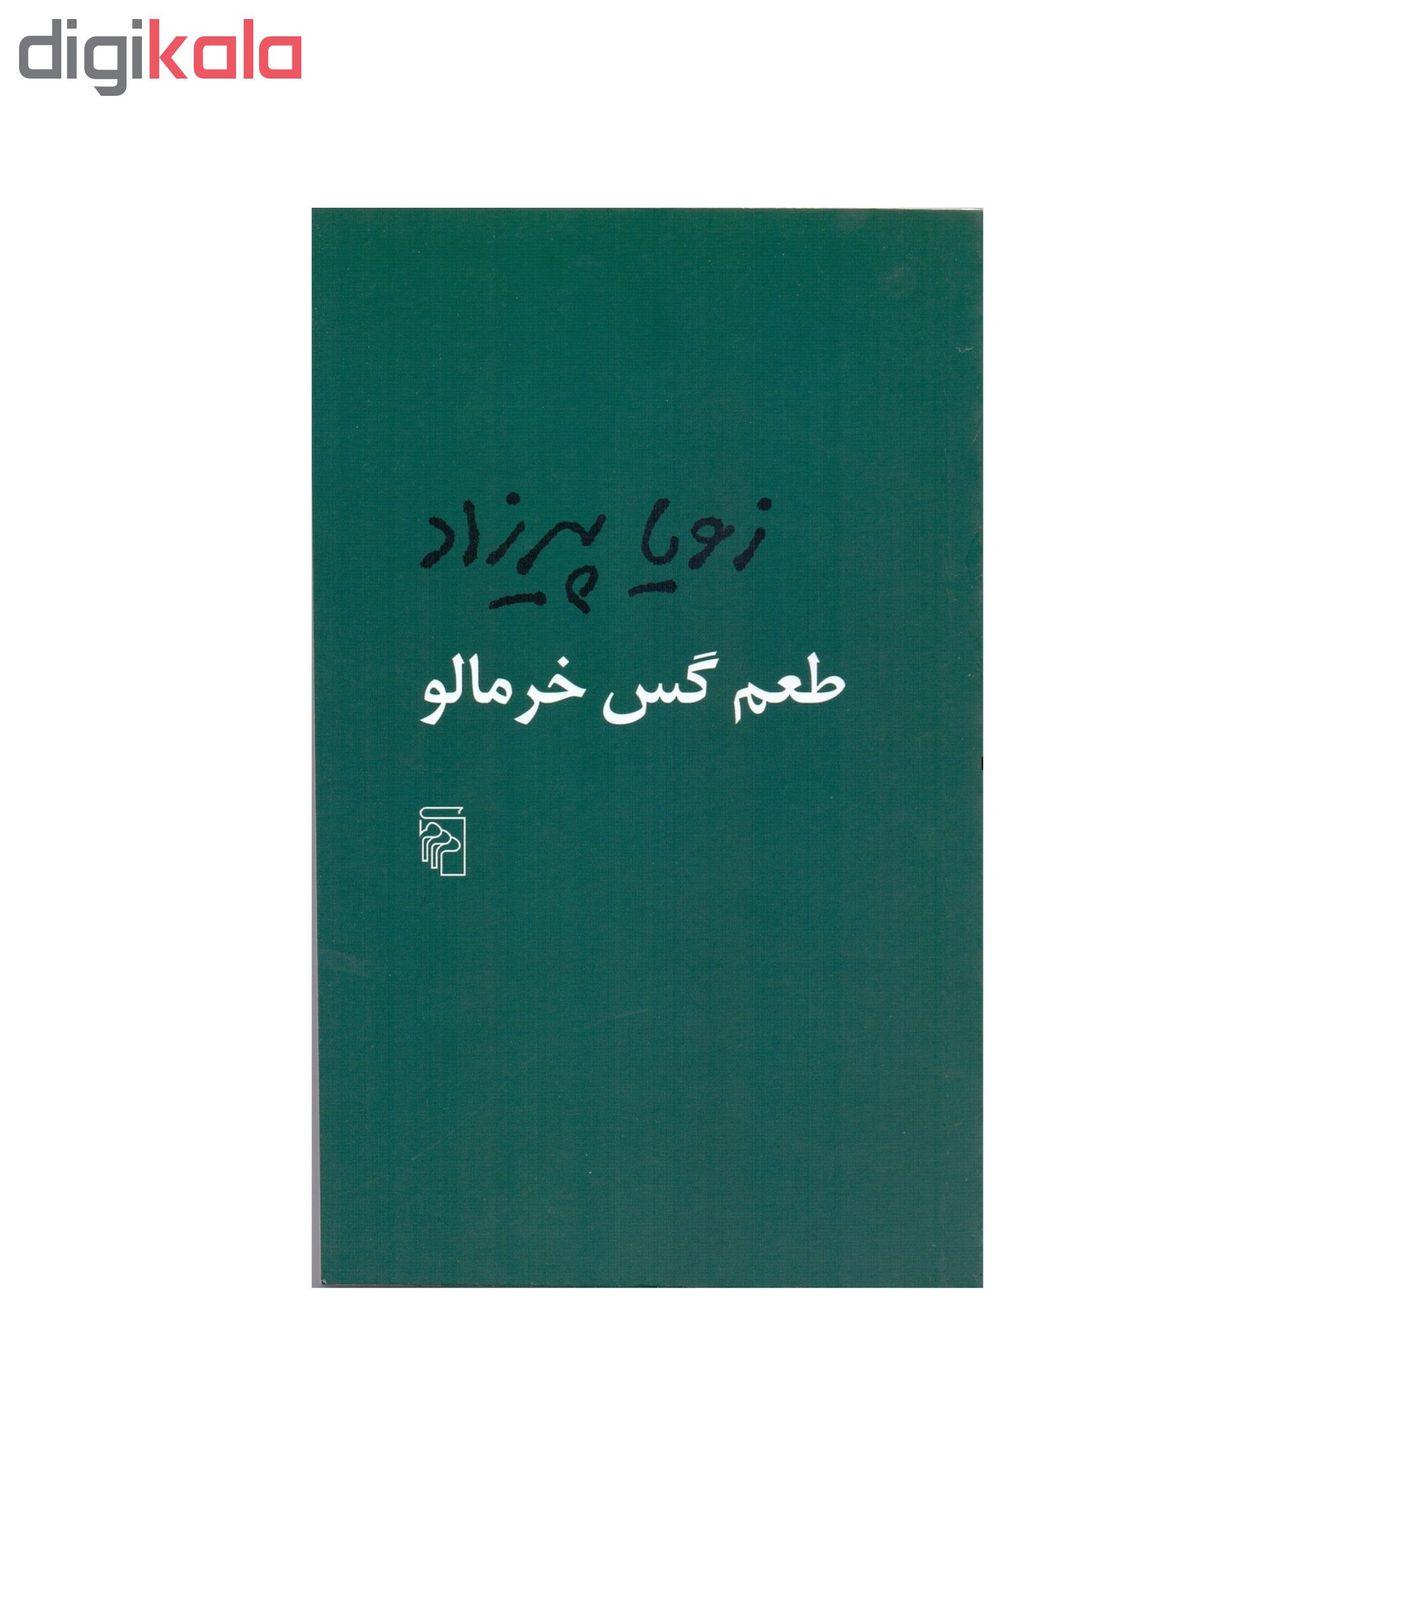 مجموعه کتاب های  مثل همه عصر ها  طعم گس خرمالو و  یک روز مانده به عید پاک اثر زویا پیرزاد نشرمرکز main 1 3